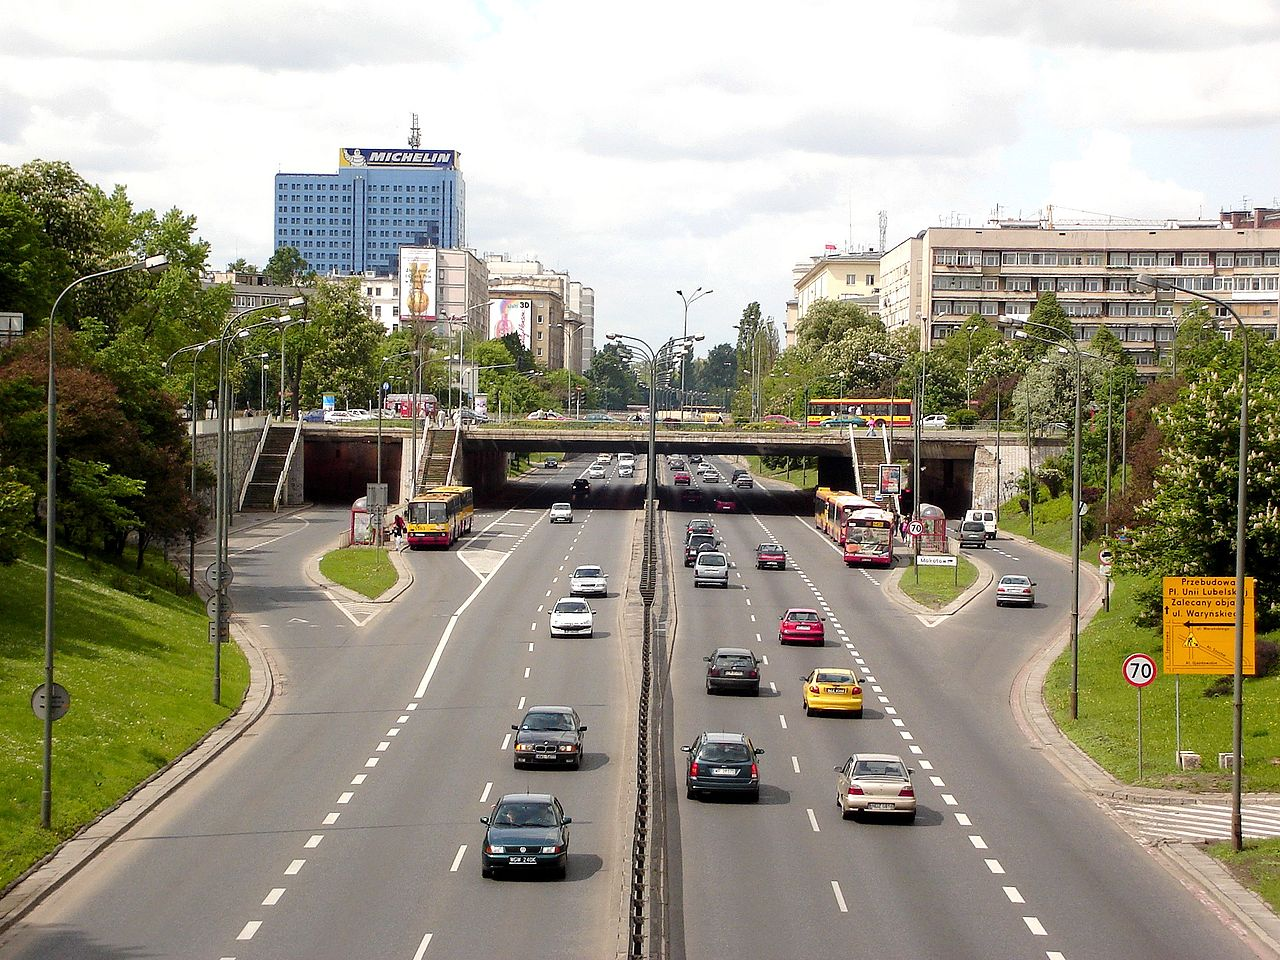 """""""Widok na tunel i Plac na Rozdrożu"""" autorstwa Aisog - Praca własna. Licencja CC BY 2.5 pl na podstawie Wikimedia Commons - http://commons.wikimedia.org/wiki/File:Widok_na_tunel_i_Plac_na_Rozdro%C5%BCu.JPG#/media/File:Widok_na_tunel_i_Plac_na_Rozdro%C5%BCu.JPG"""